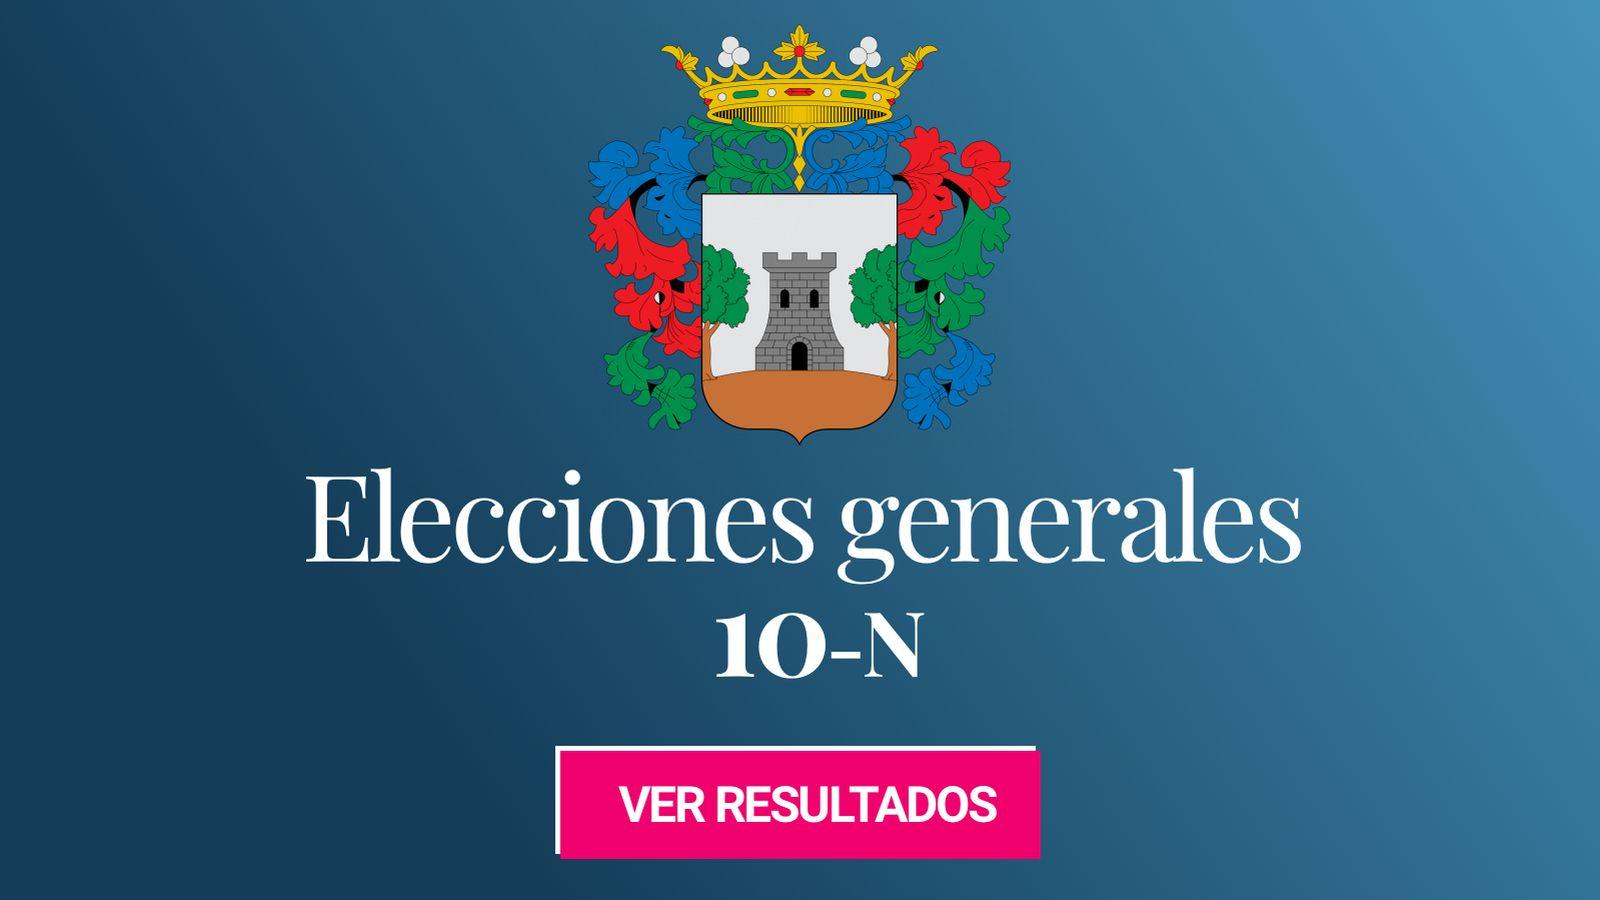 Foto: Elecciones generales 2019 en Mijas. (C.C./EC)